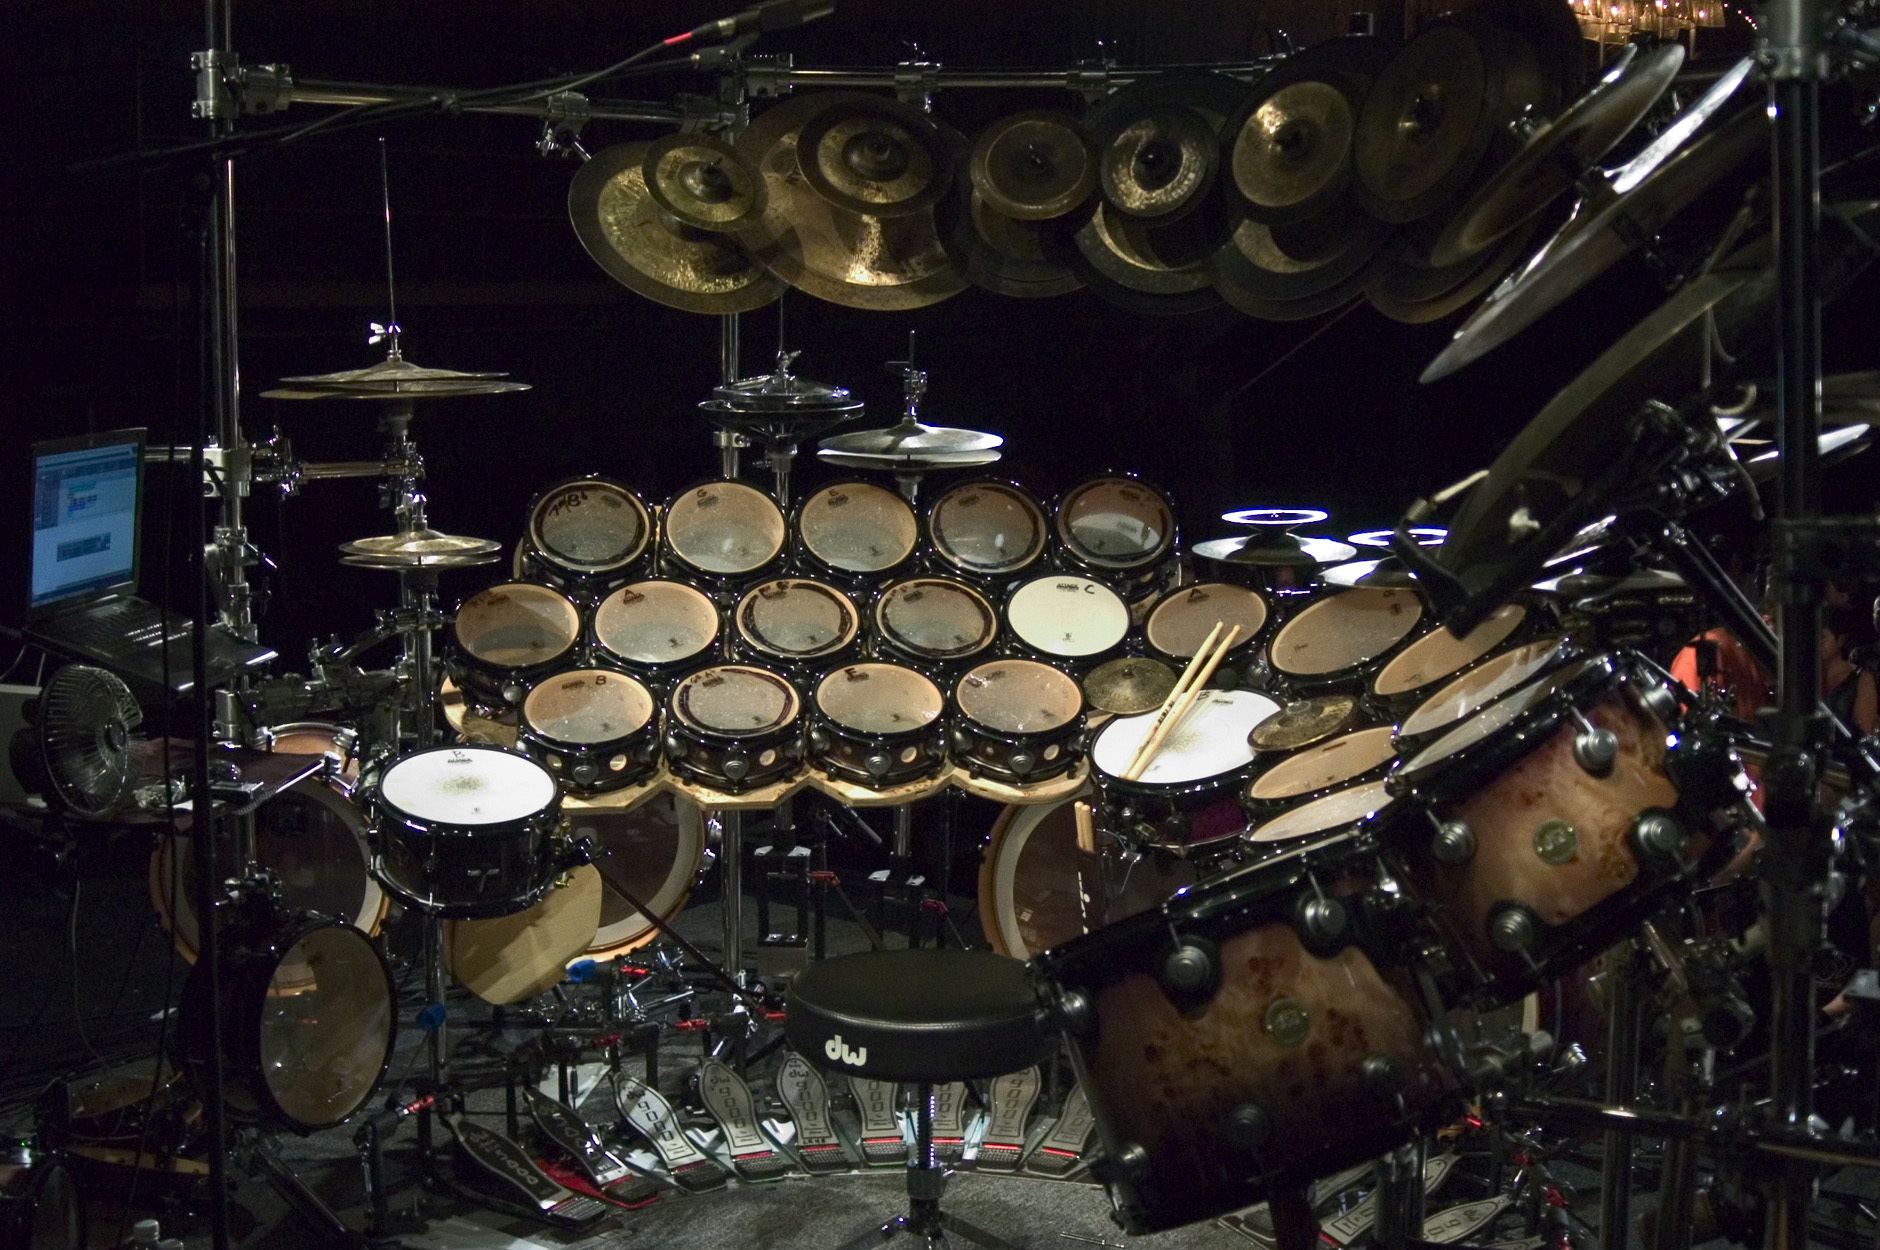 HUGE Drum Kit